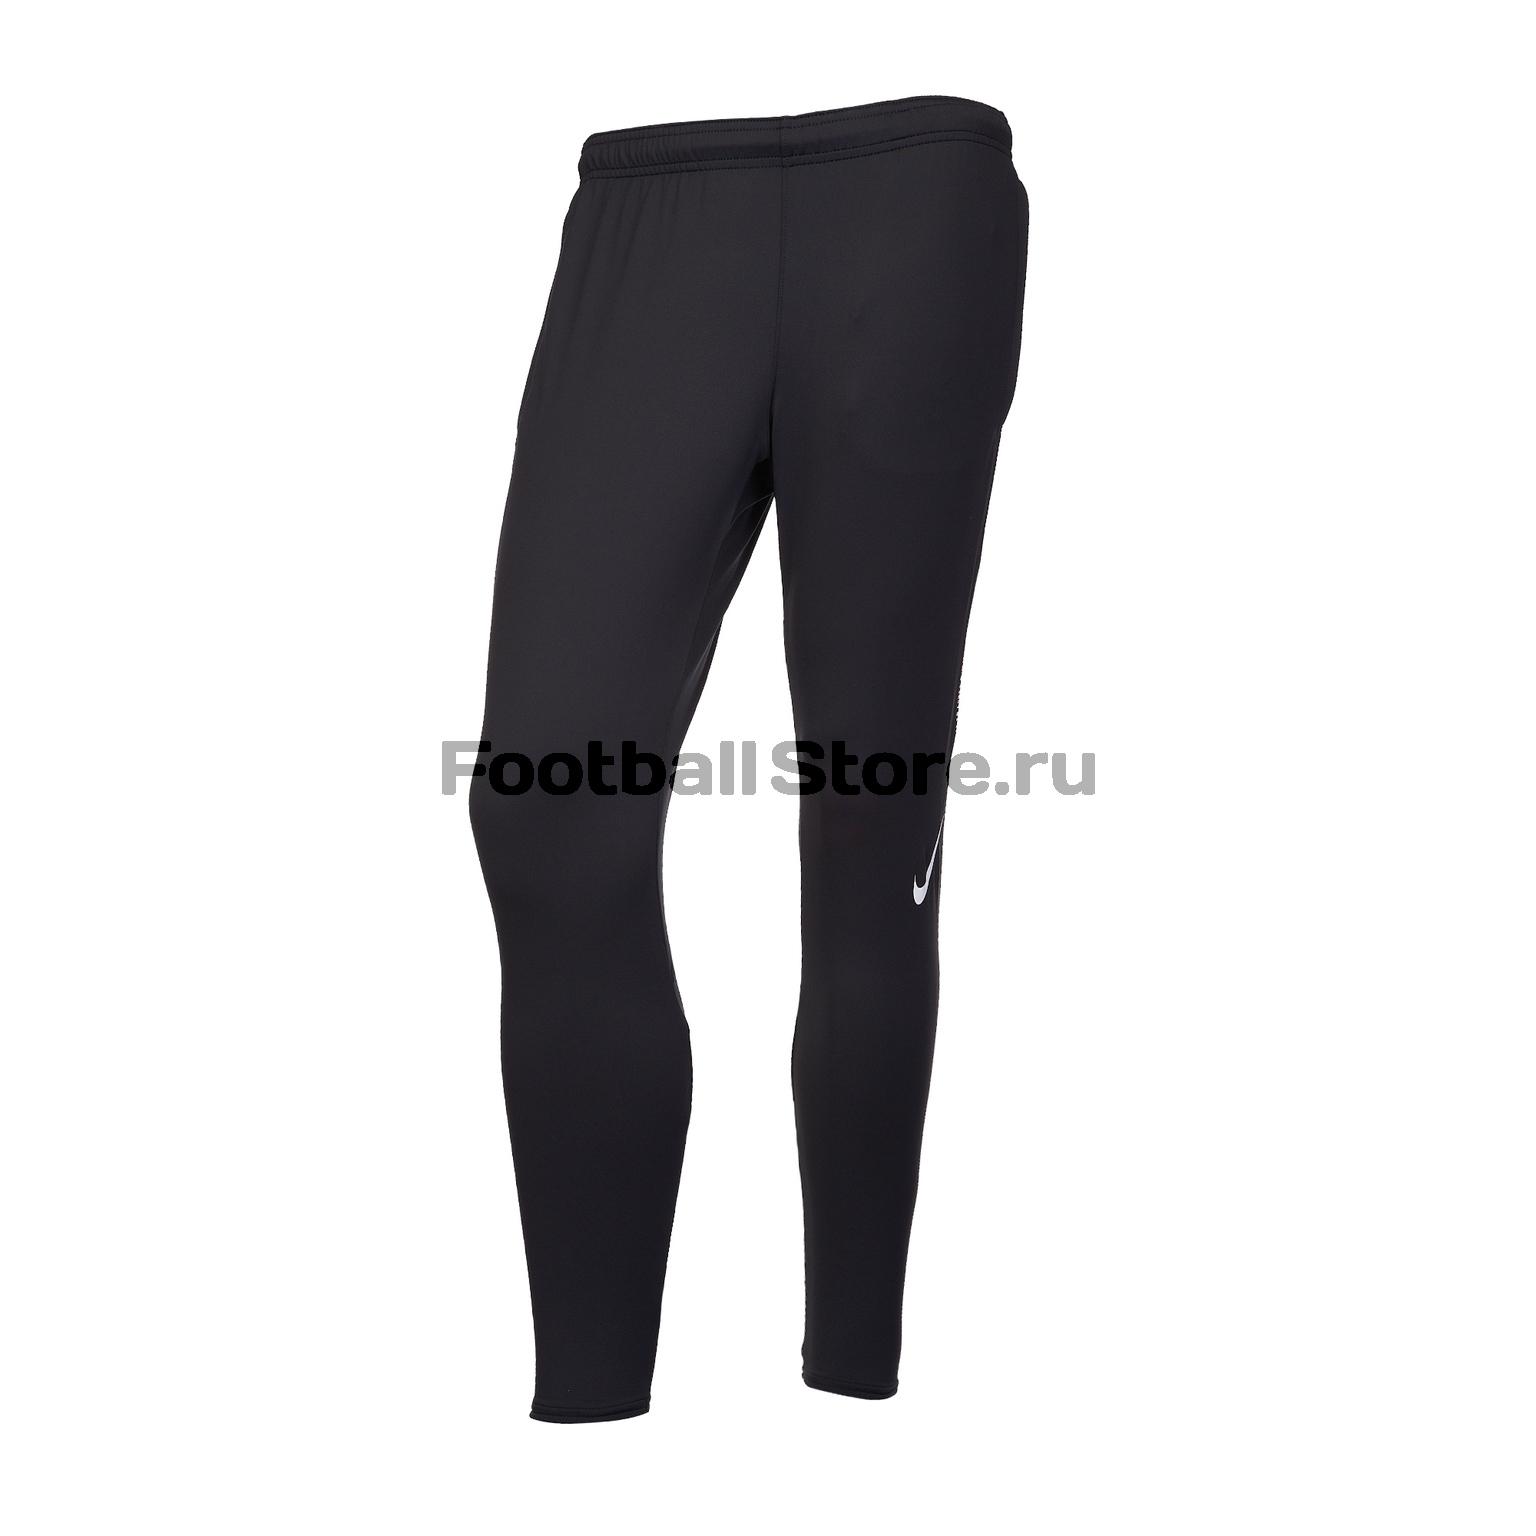 Брюки тренировочные Nike Dry Squad Pant 894645-017 брюки тренировочные nike dry squad 894877 416